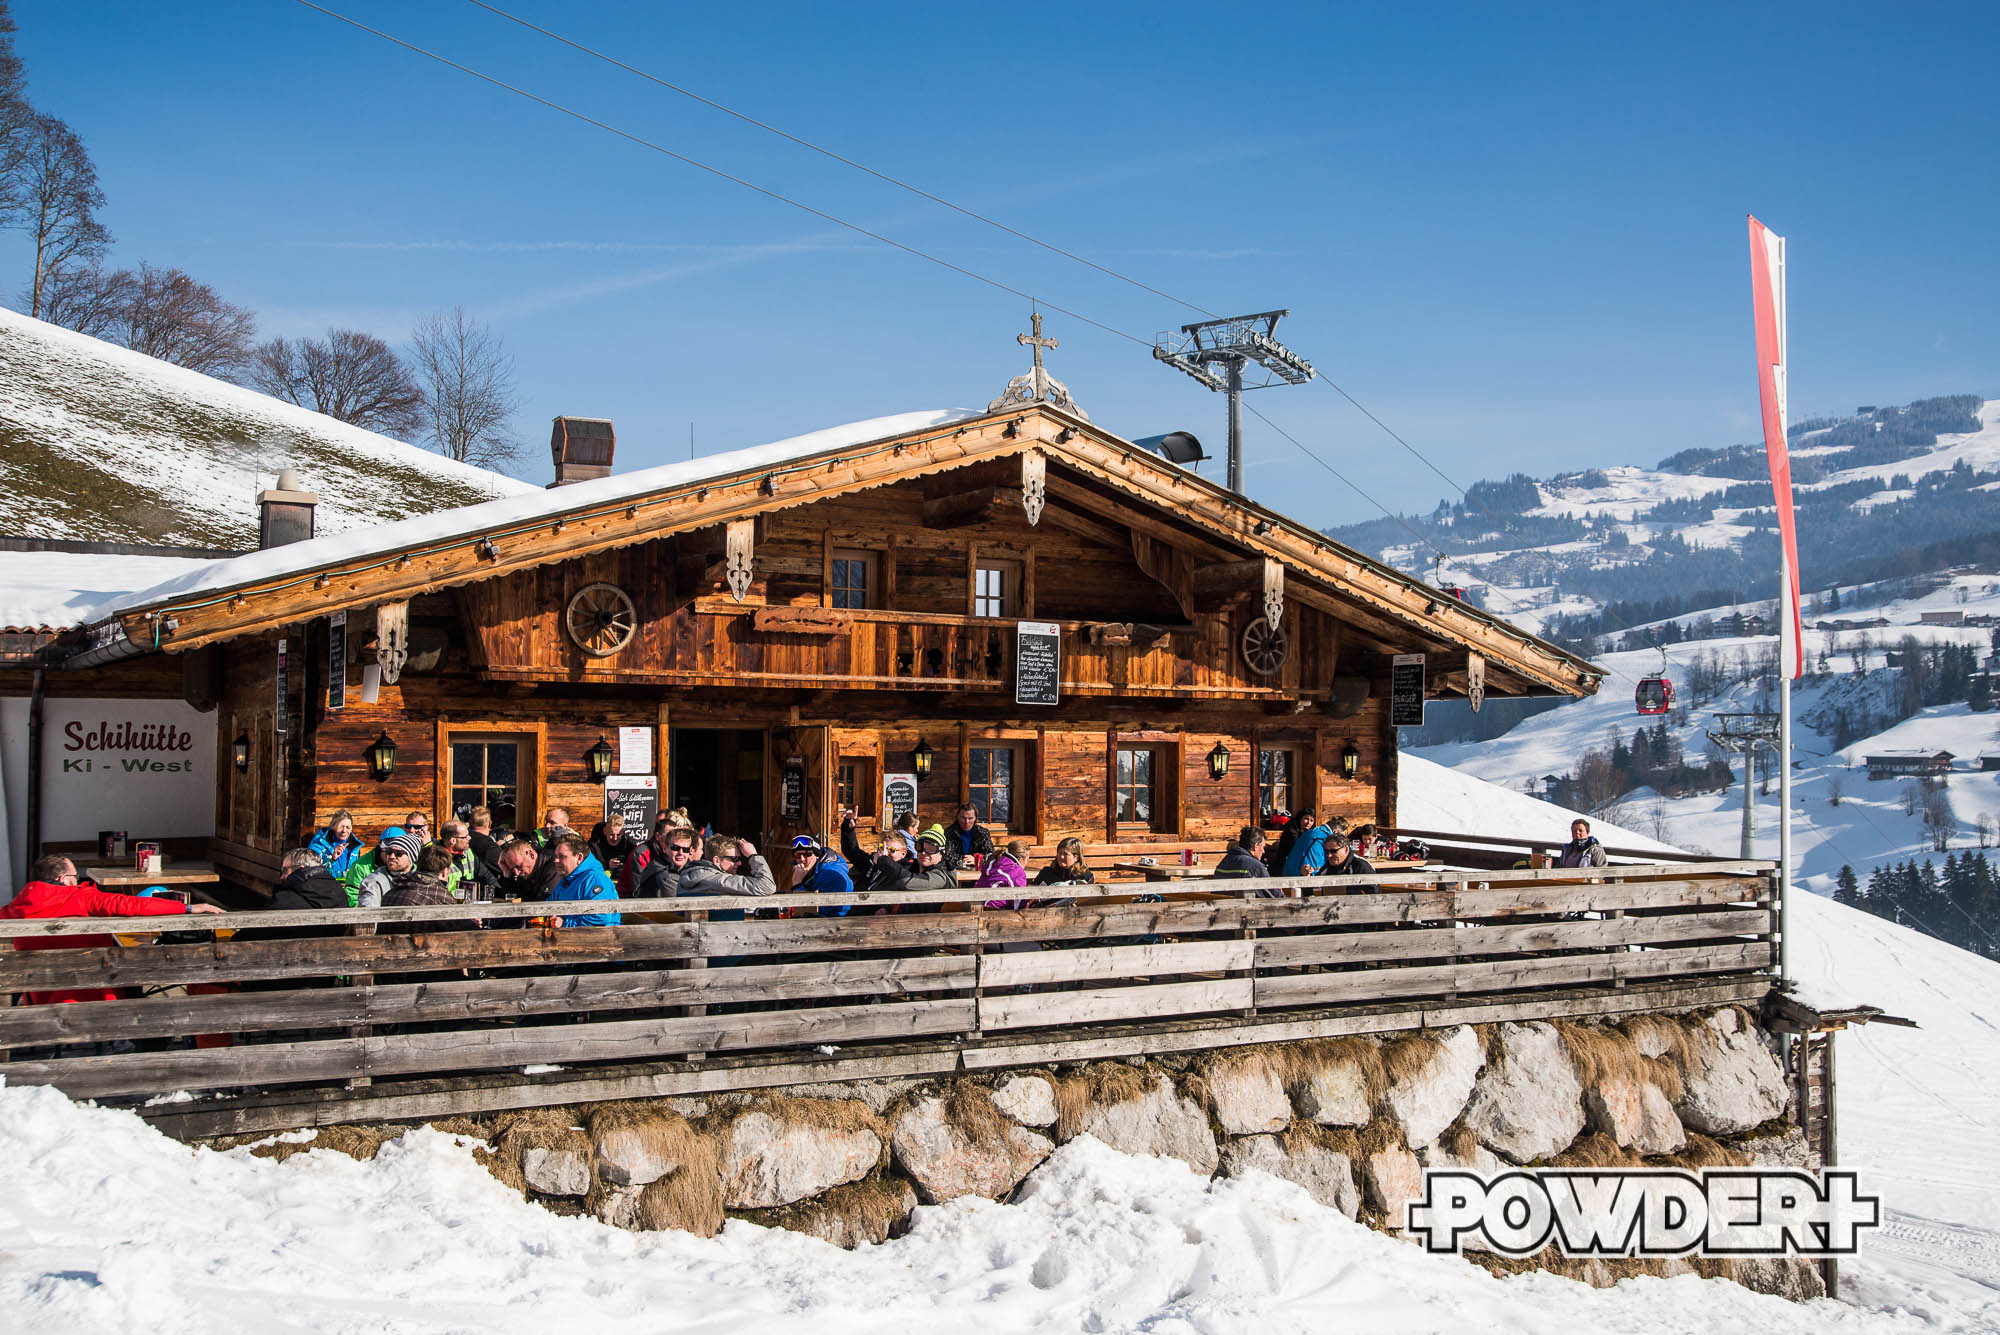 rettenstein runde, kitzbühel, westendorf, rettenstein, rettenstein freeride, kitzbühel freeride, skitour, kitzbühel skitour, freeride-tour, schnee, skipiste, contemporary, vorstadl grundlalm, gamsbeil